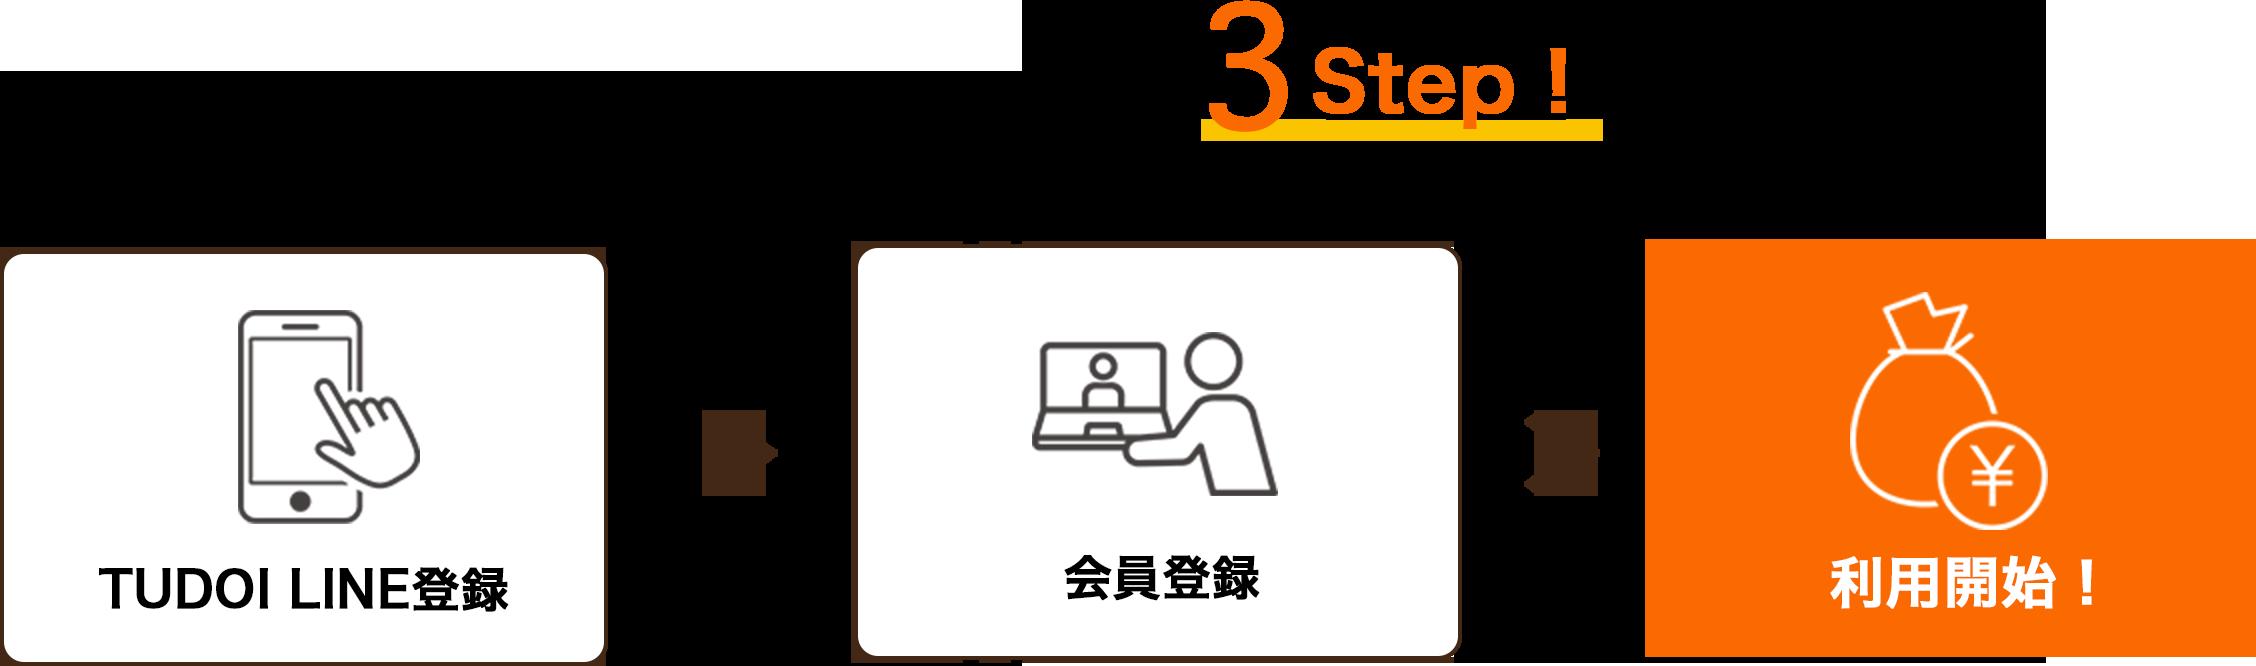 利用はかんたん 3 Step